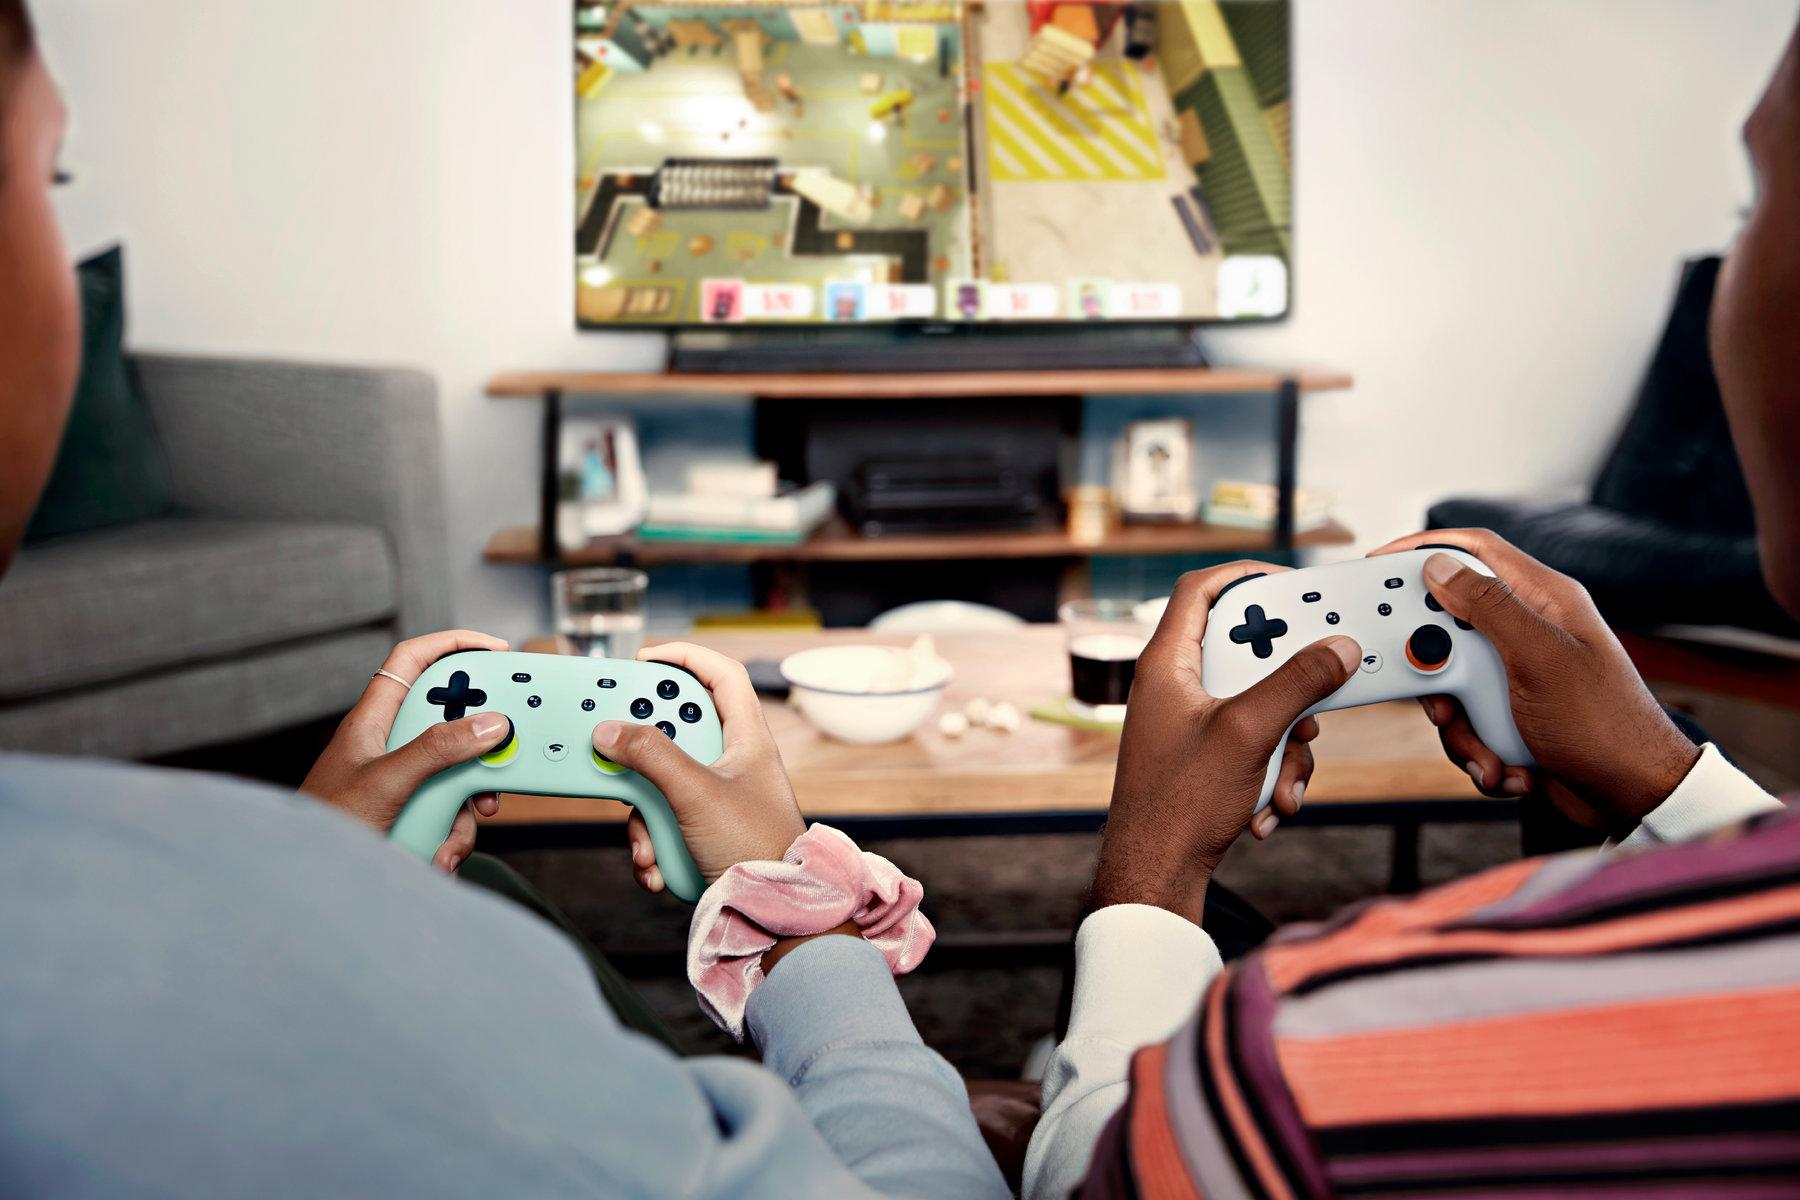 Видеоигры могут способствовать социализации детей, особенно во время пандемии.